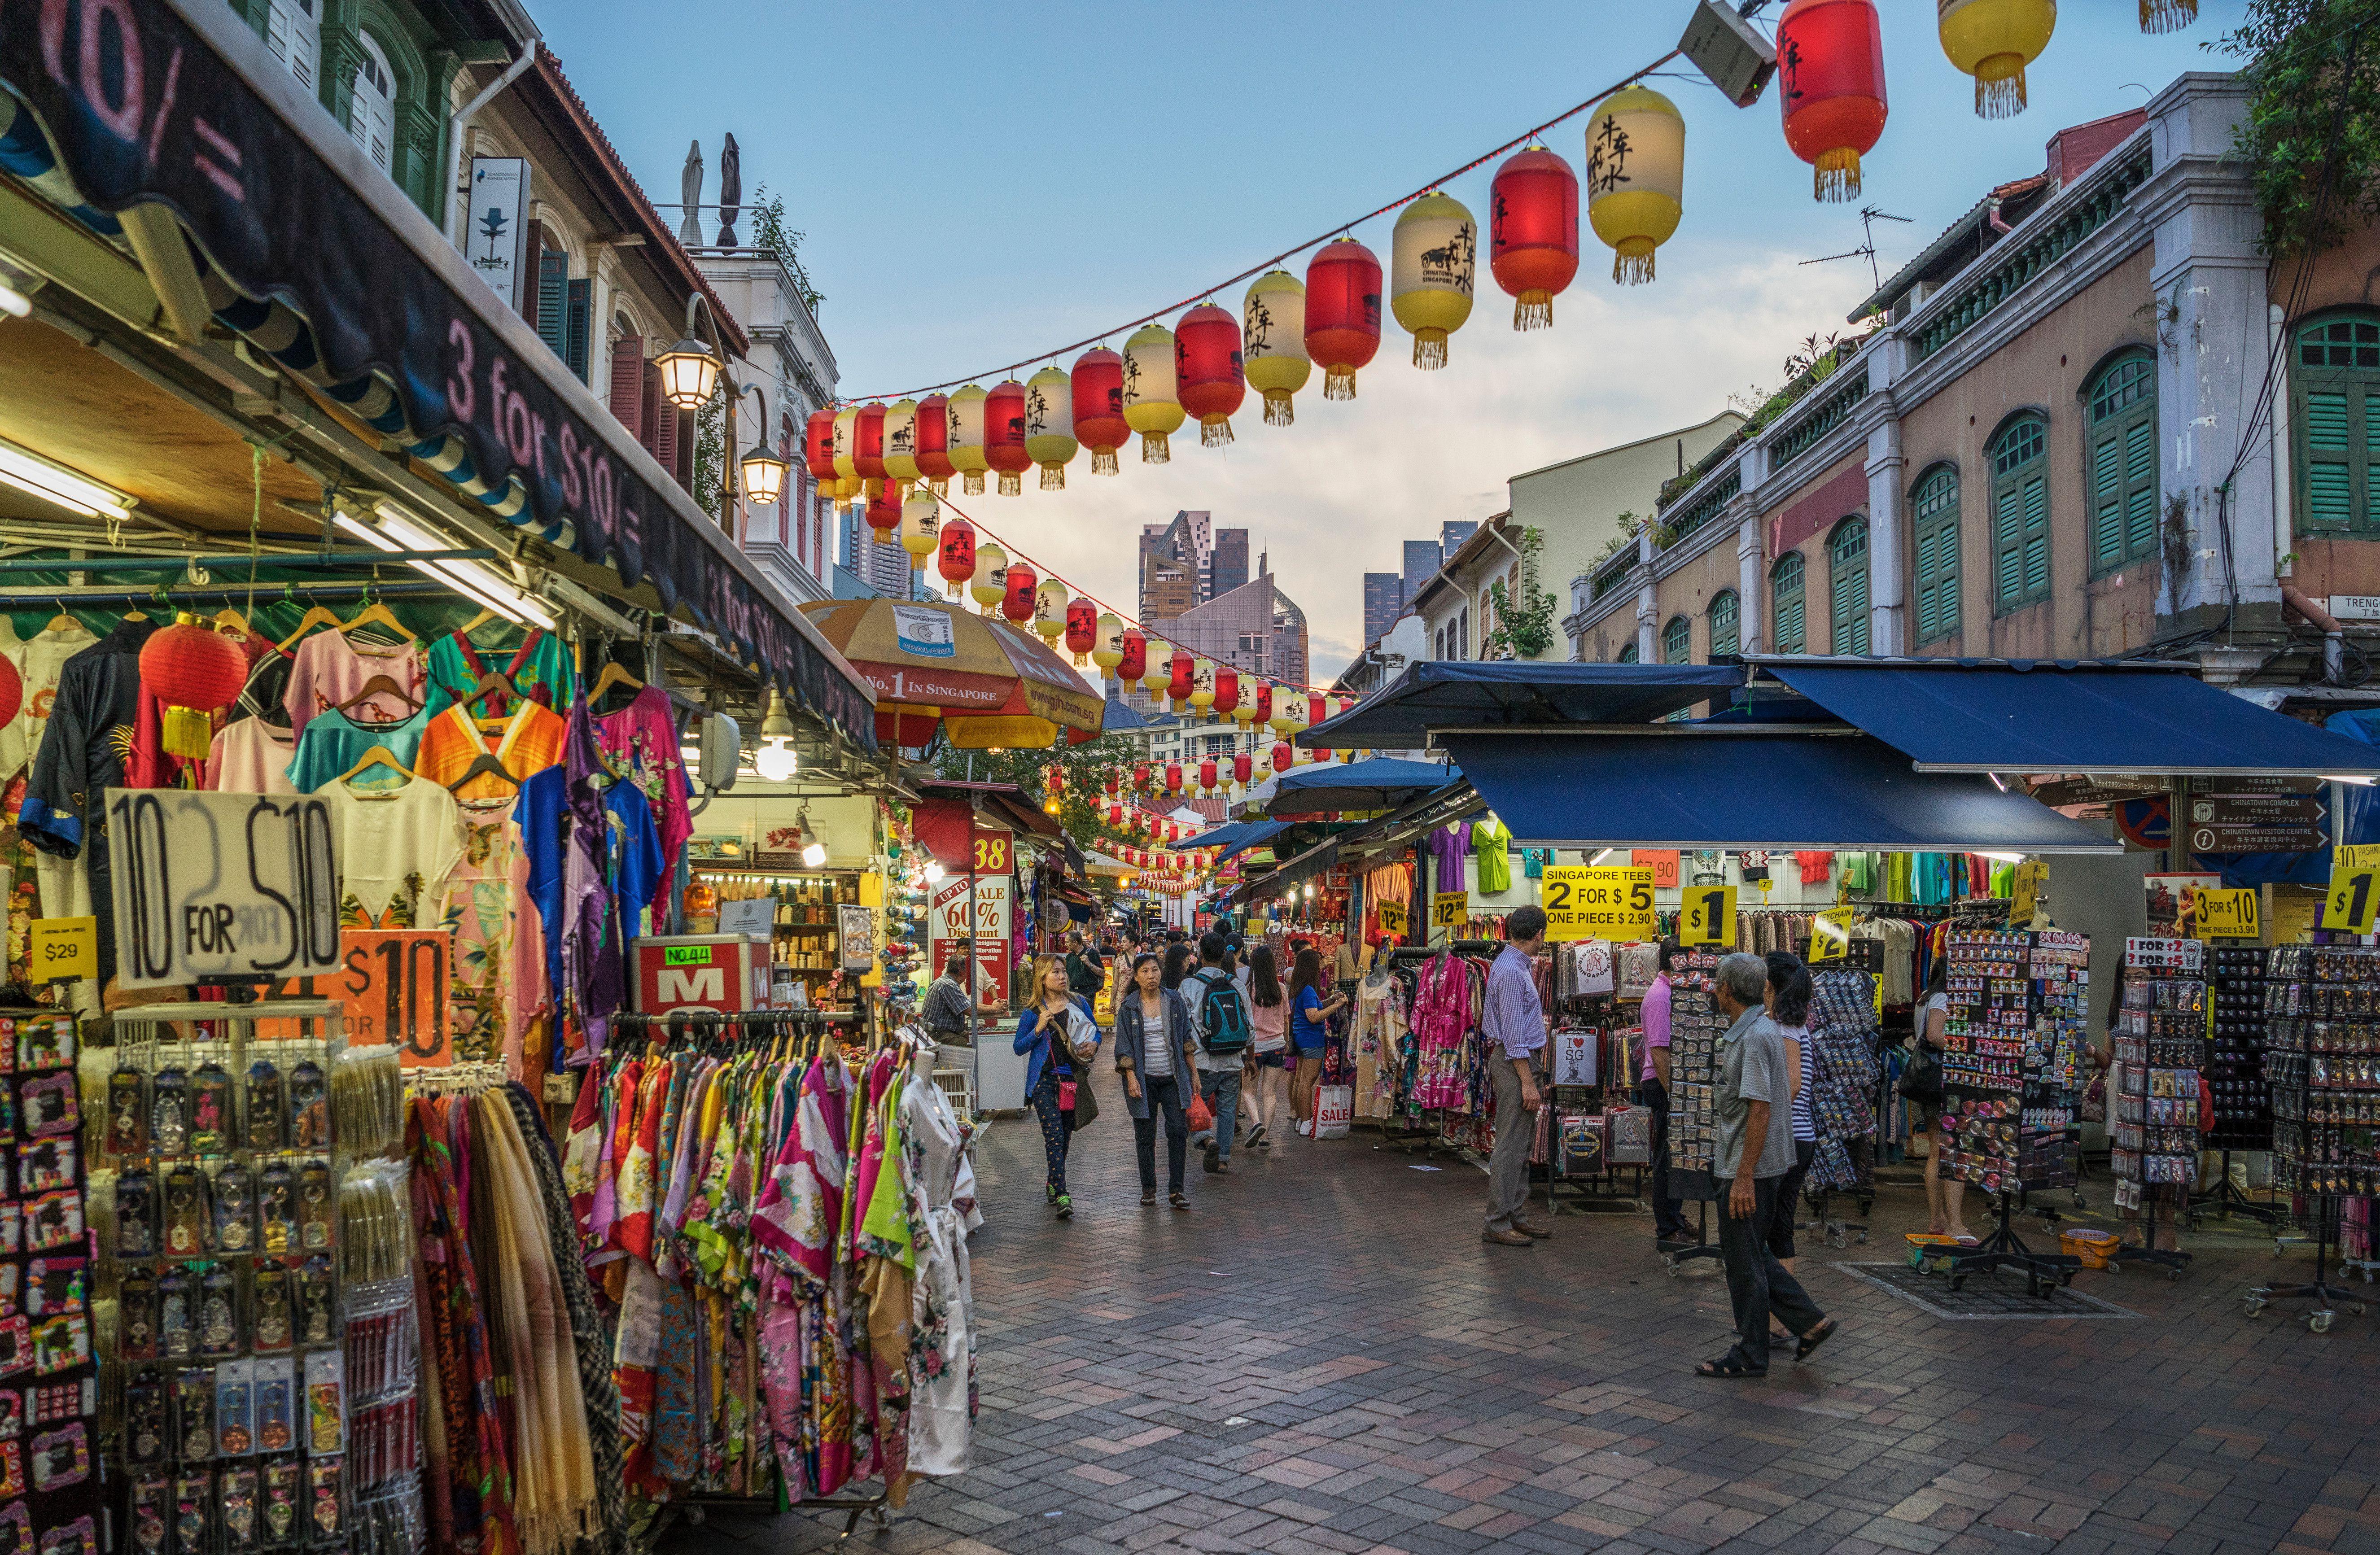 Chinatown Night Market in Singapore